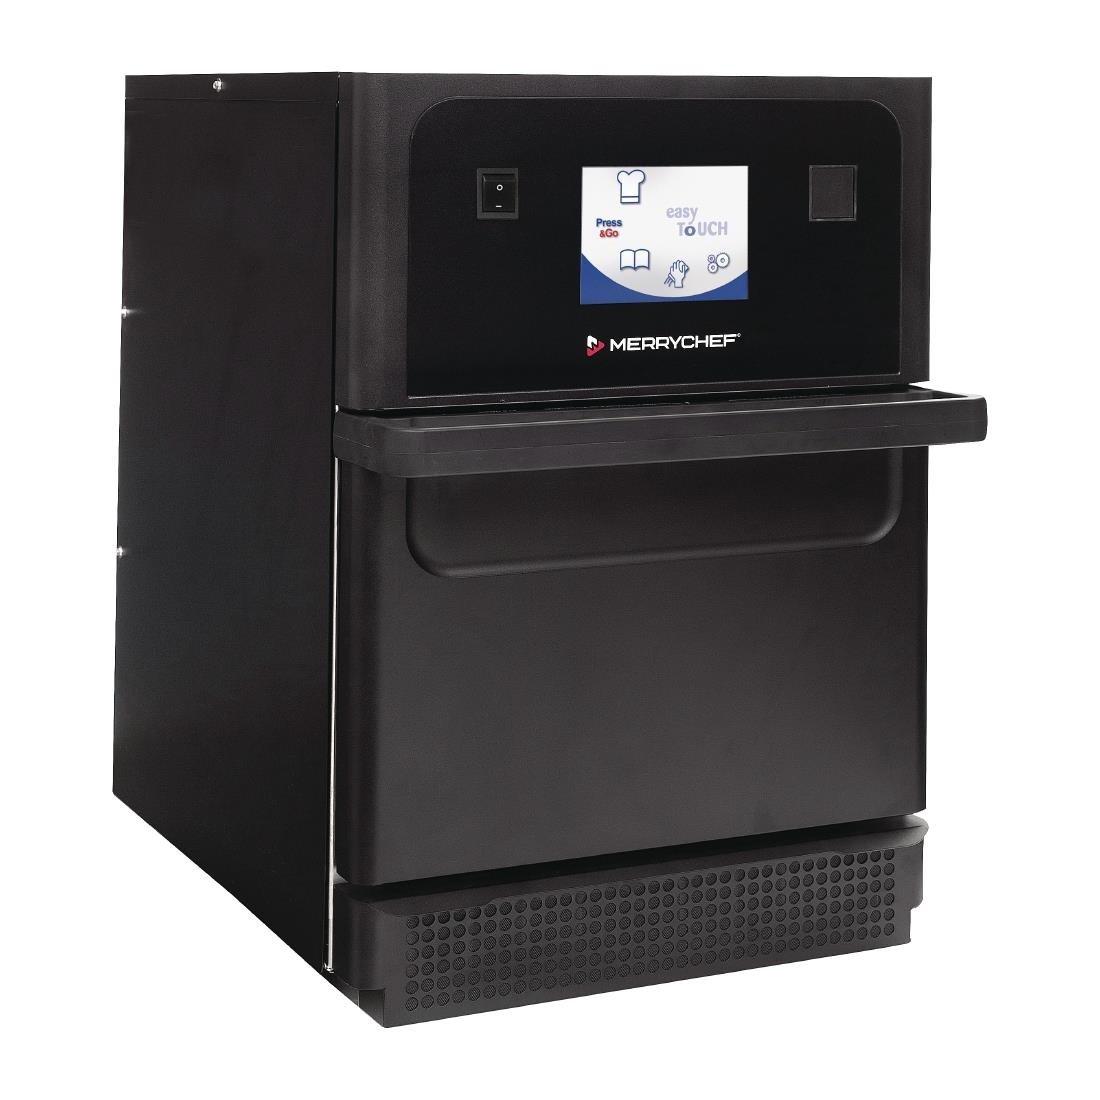 Merrychef Eikon E1s High Speed Oven